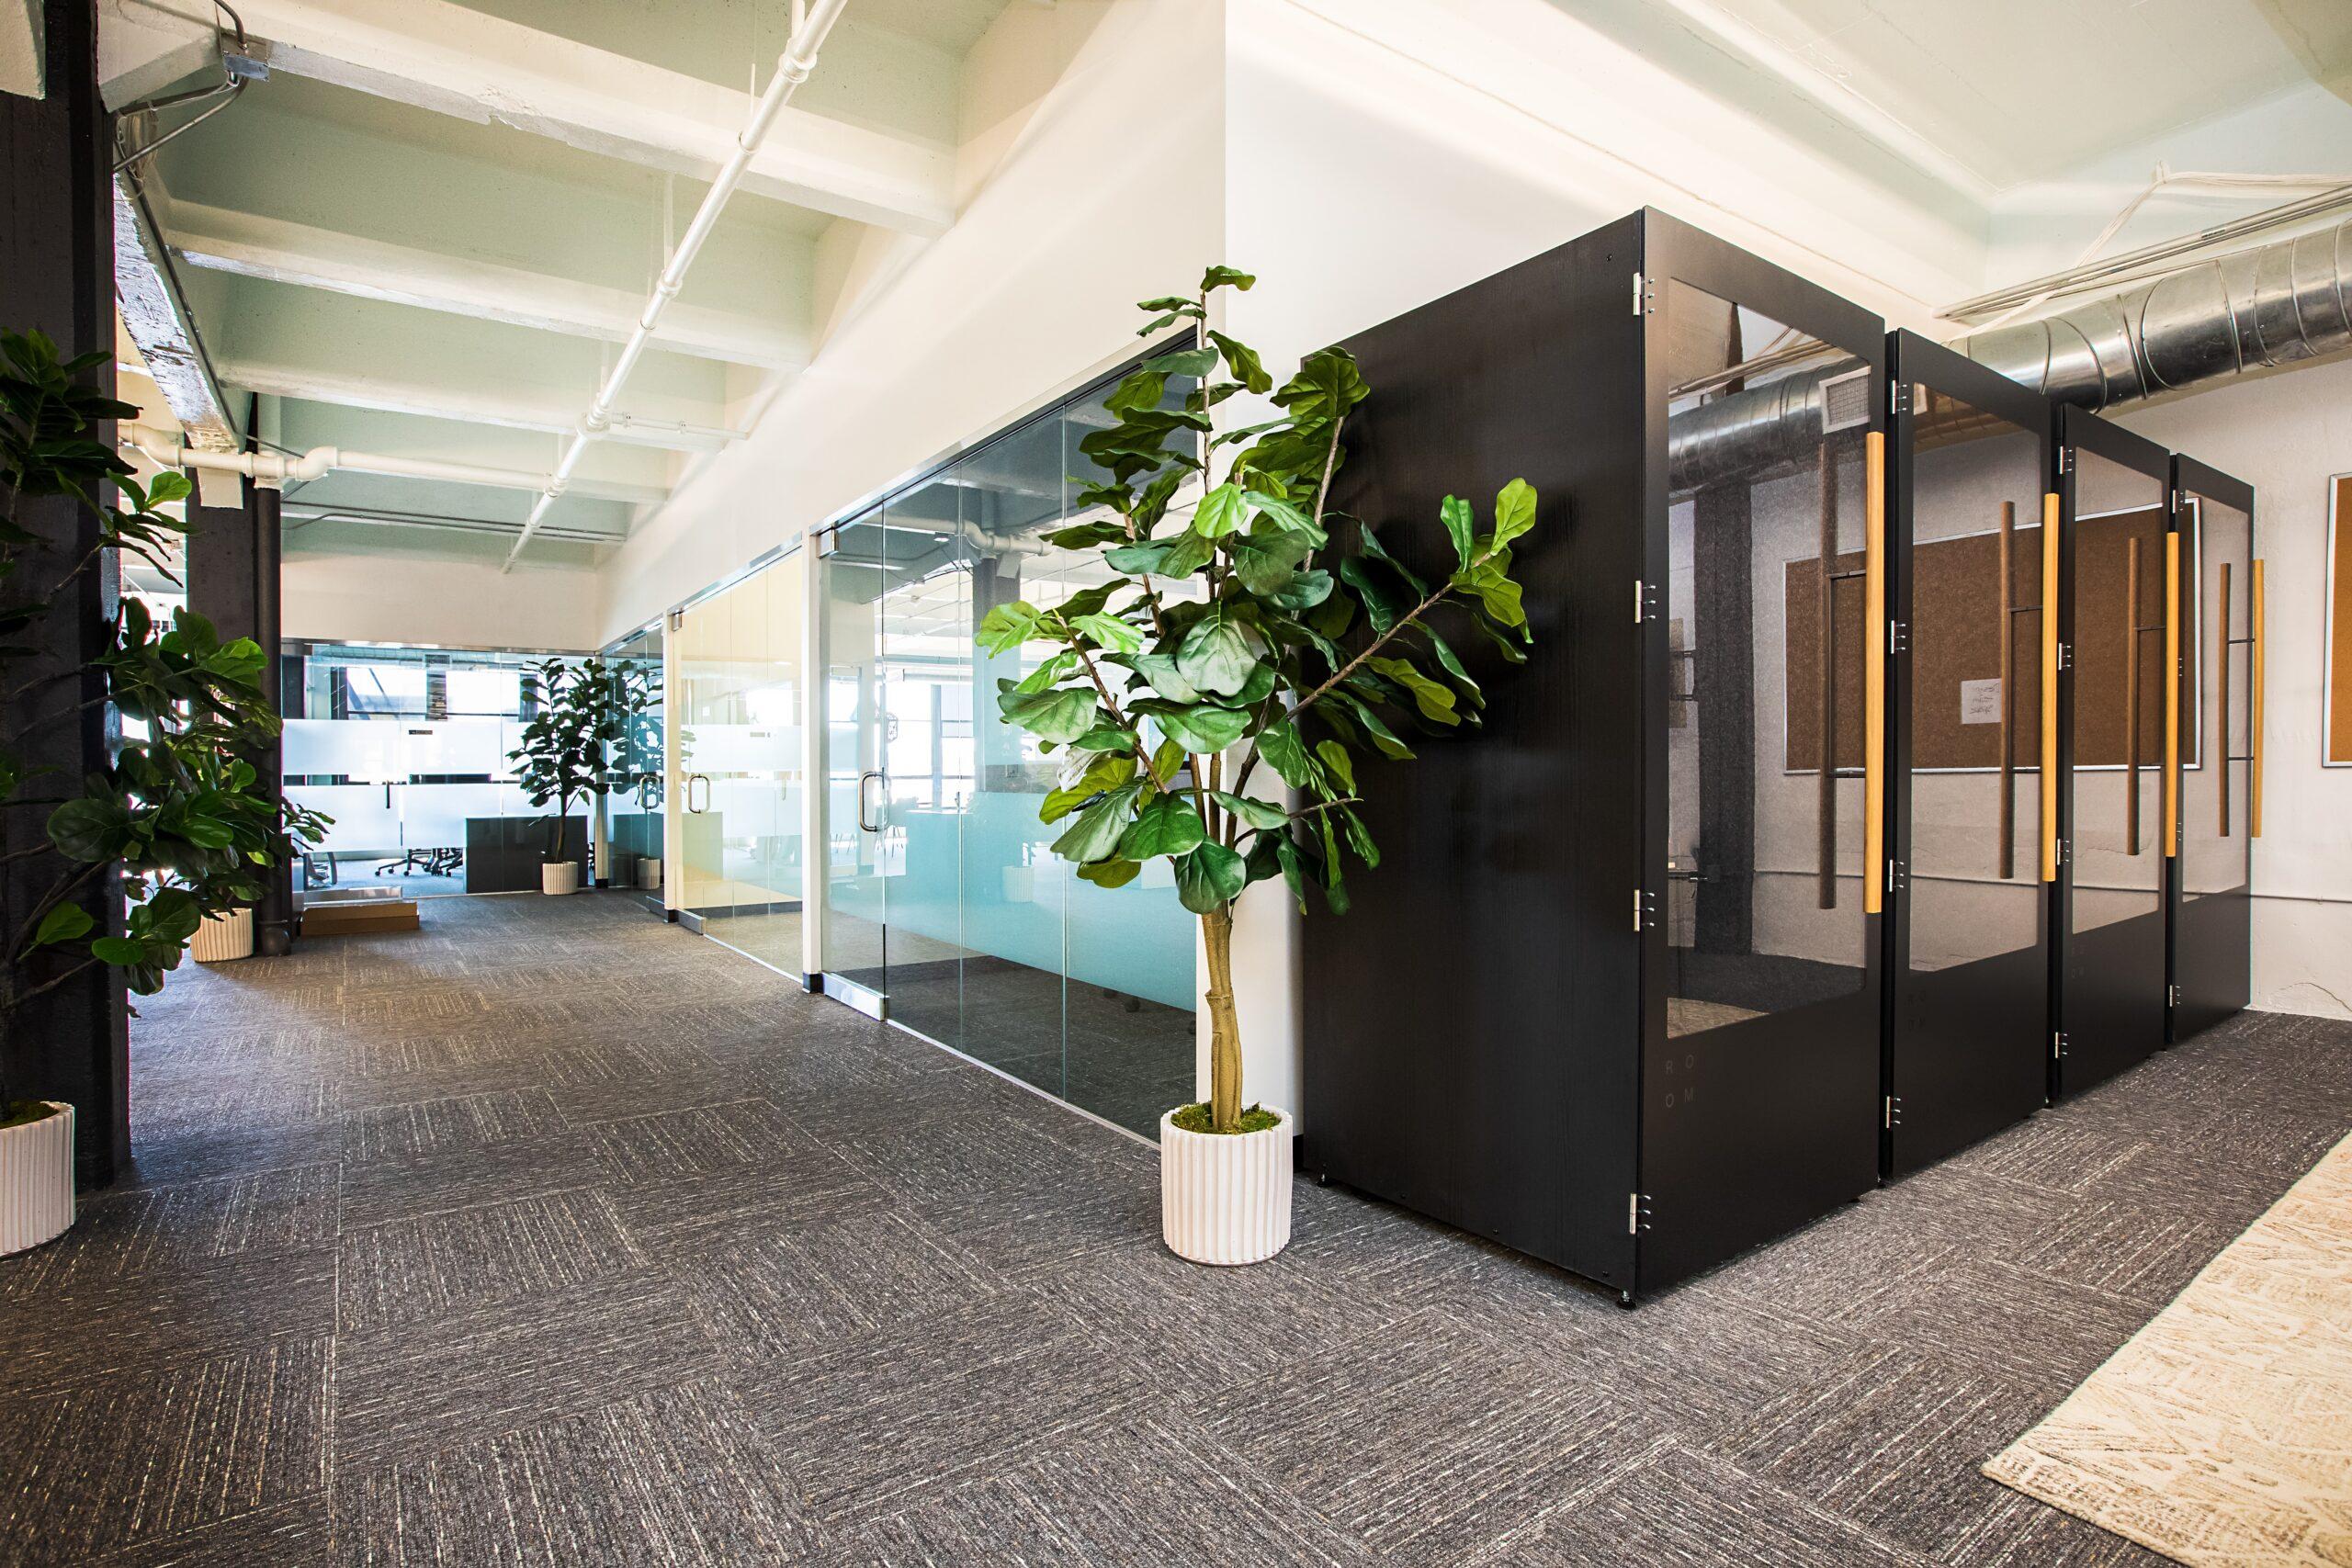 オフィスにおける緑視率を高める方法